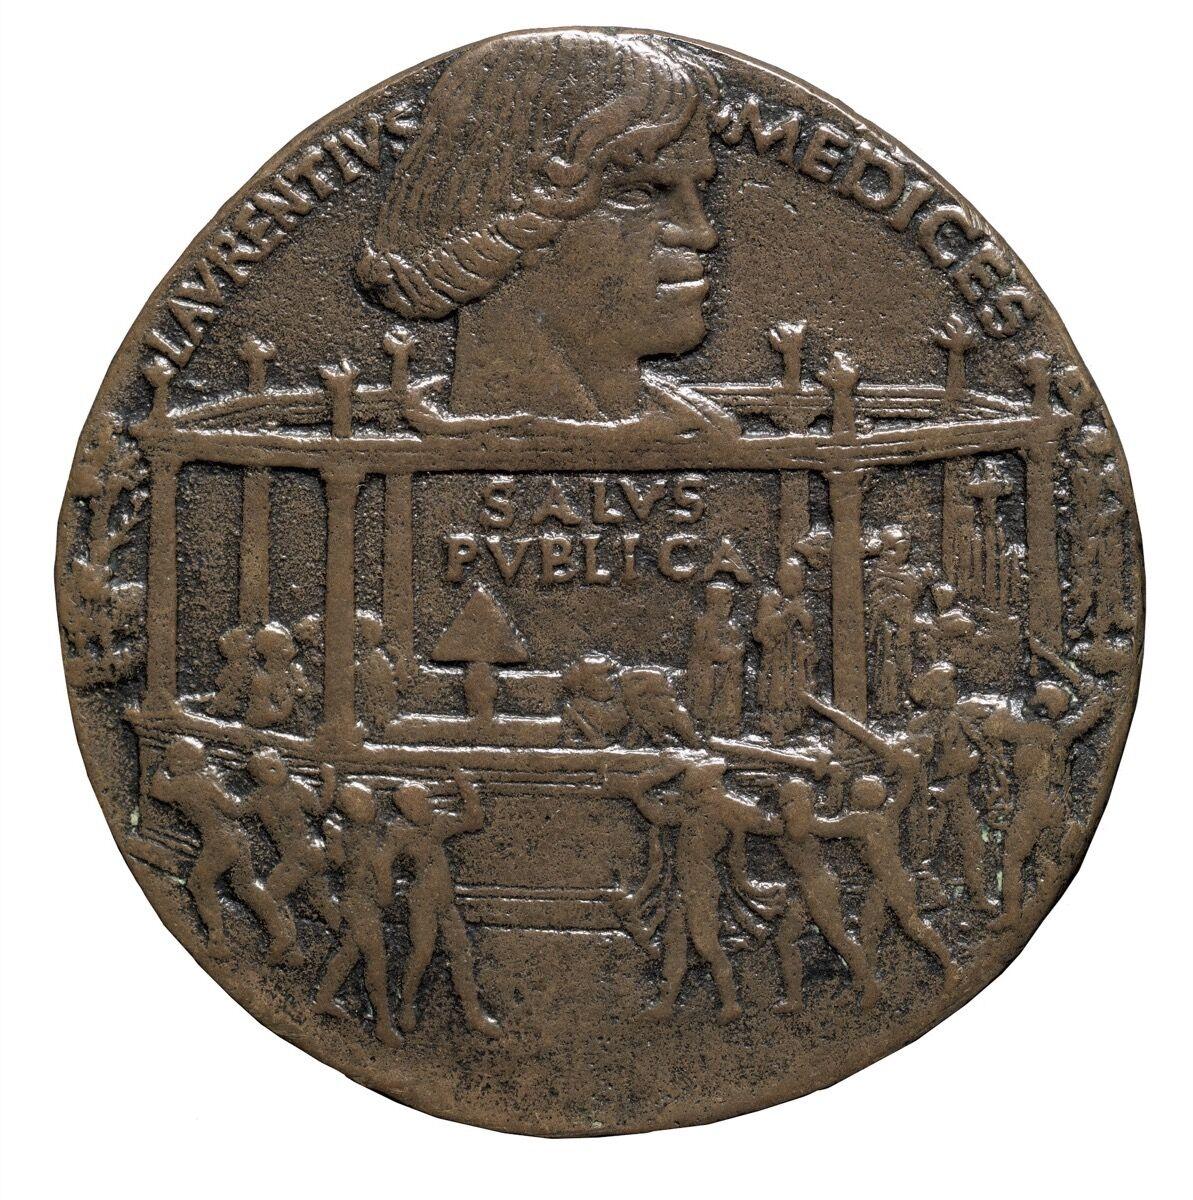 Bertoldo di Giovanni, medal commemorating The Pazzi Conspiracy (Lorenzo de' Medici), 1478. Photo by Mauro Magliani. Courtesy of the Frick Collection, New York.